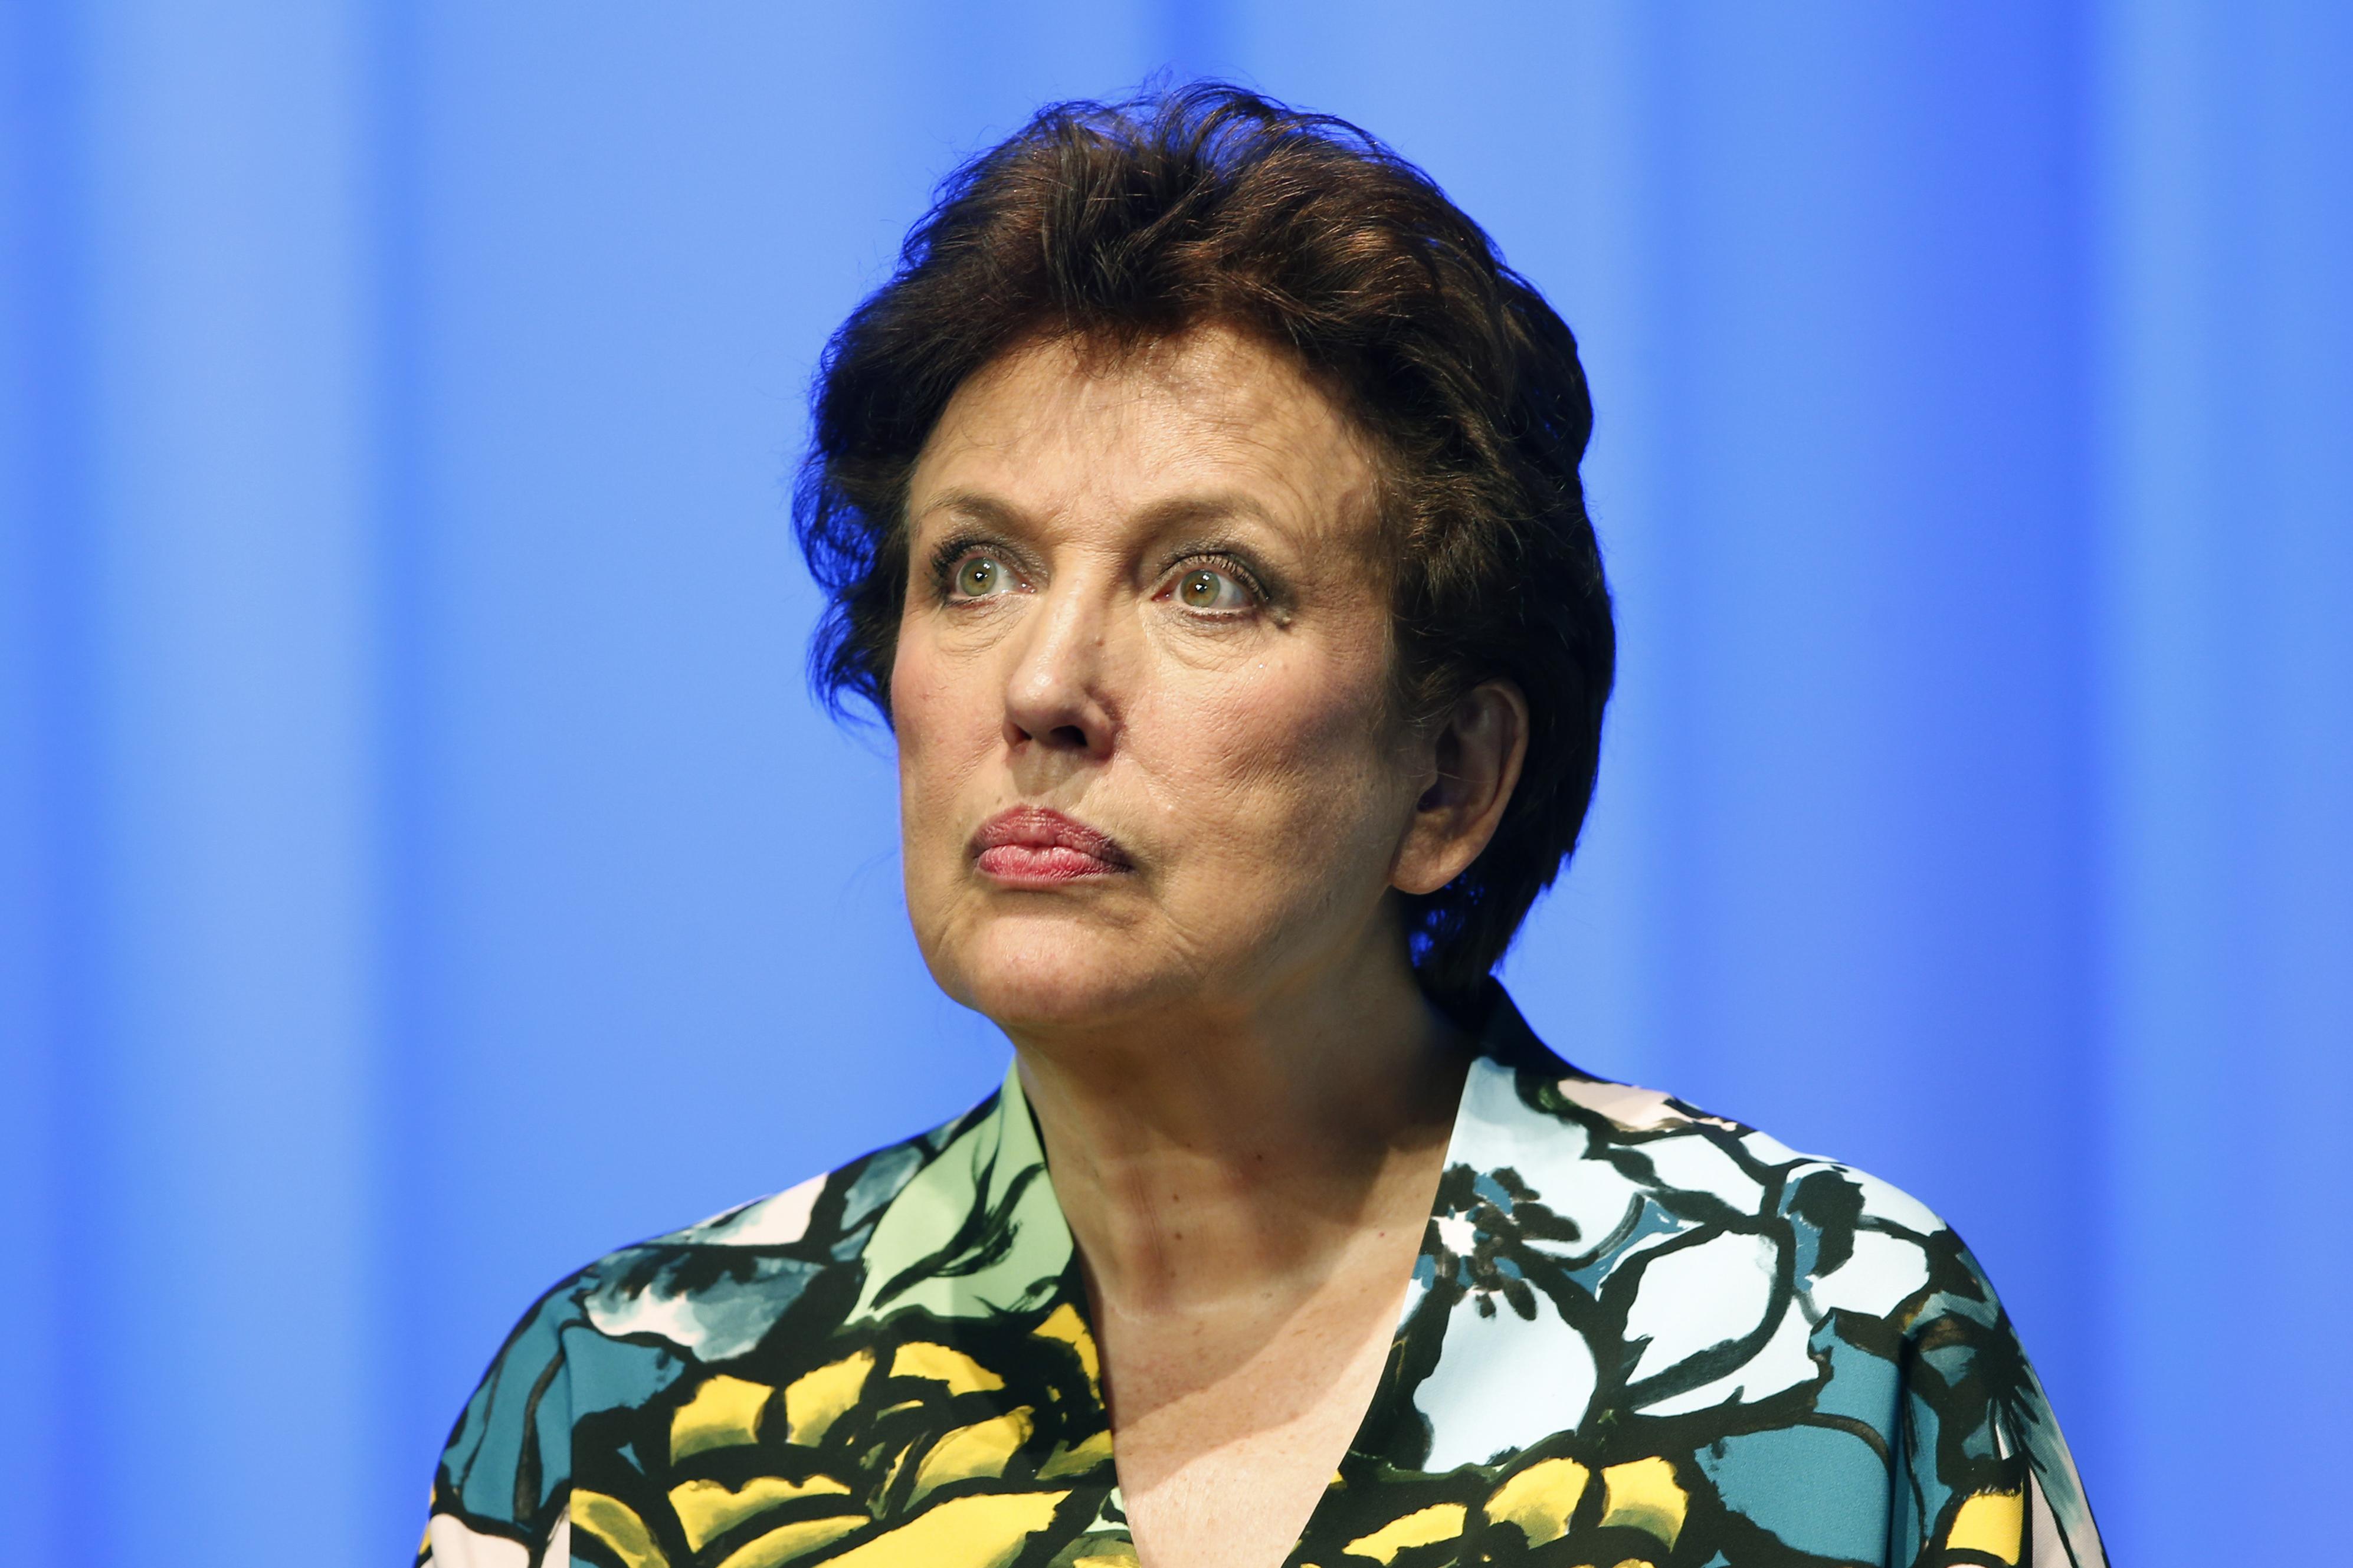 Le jour où Roselyne Bachelot s'est retrouvée en culotte à un meeting de Sarkozy